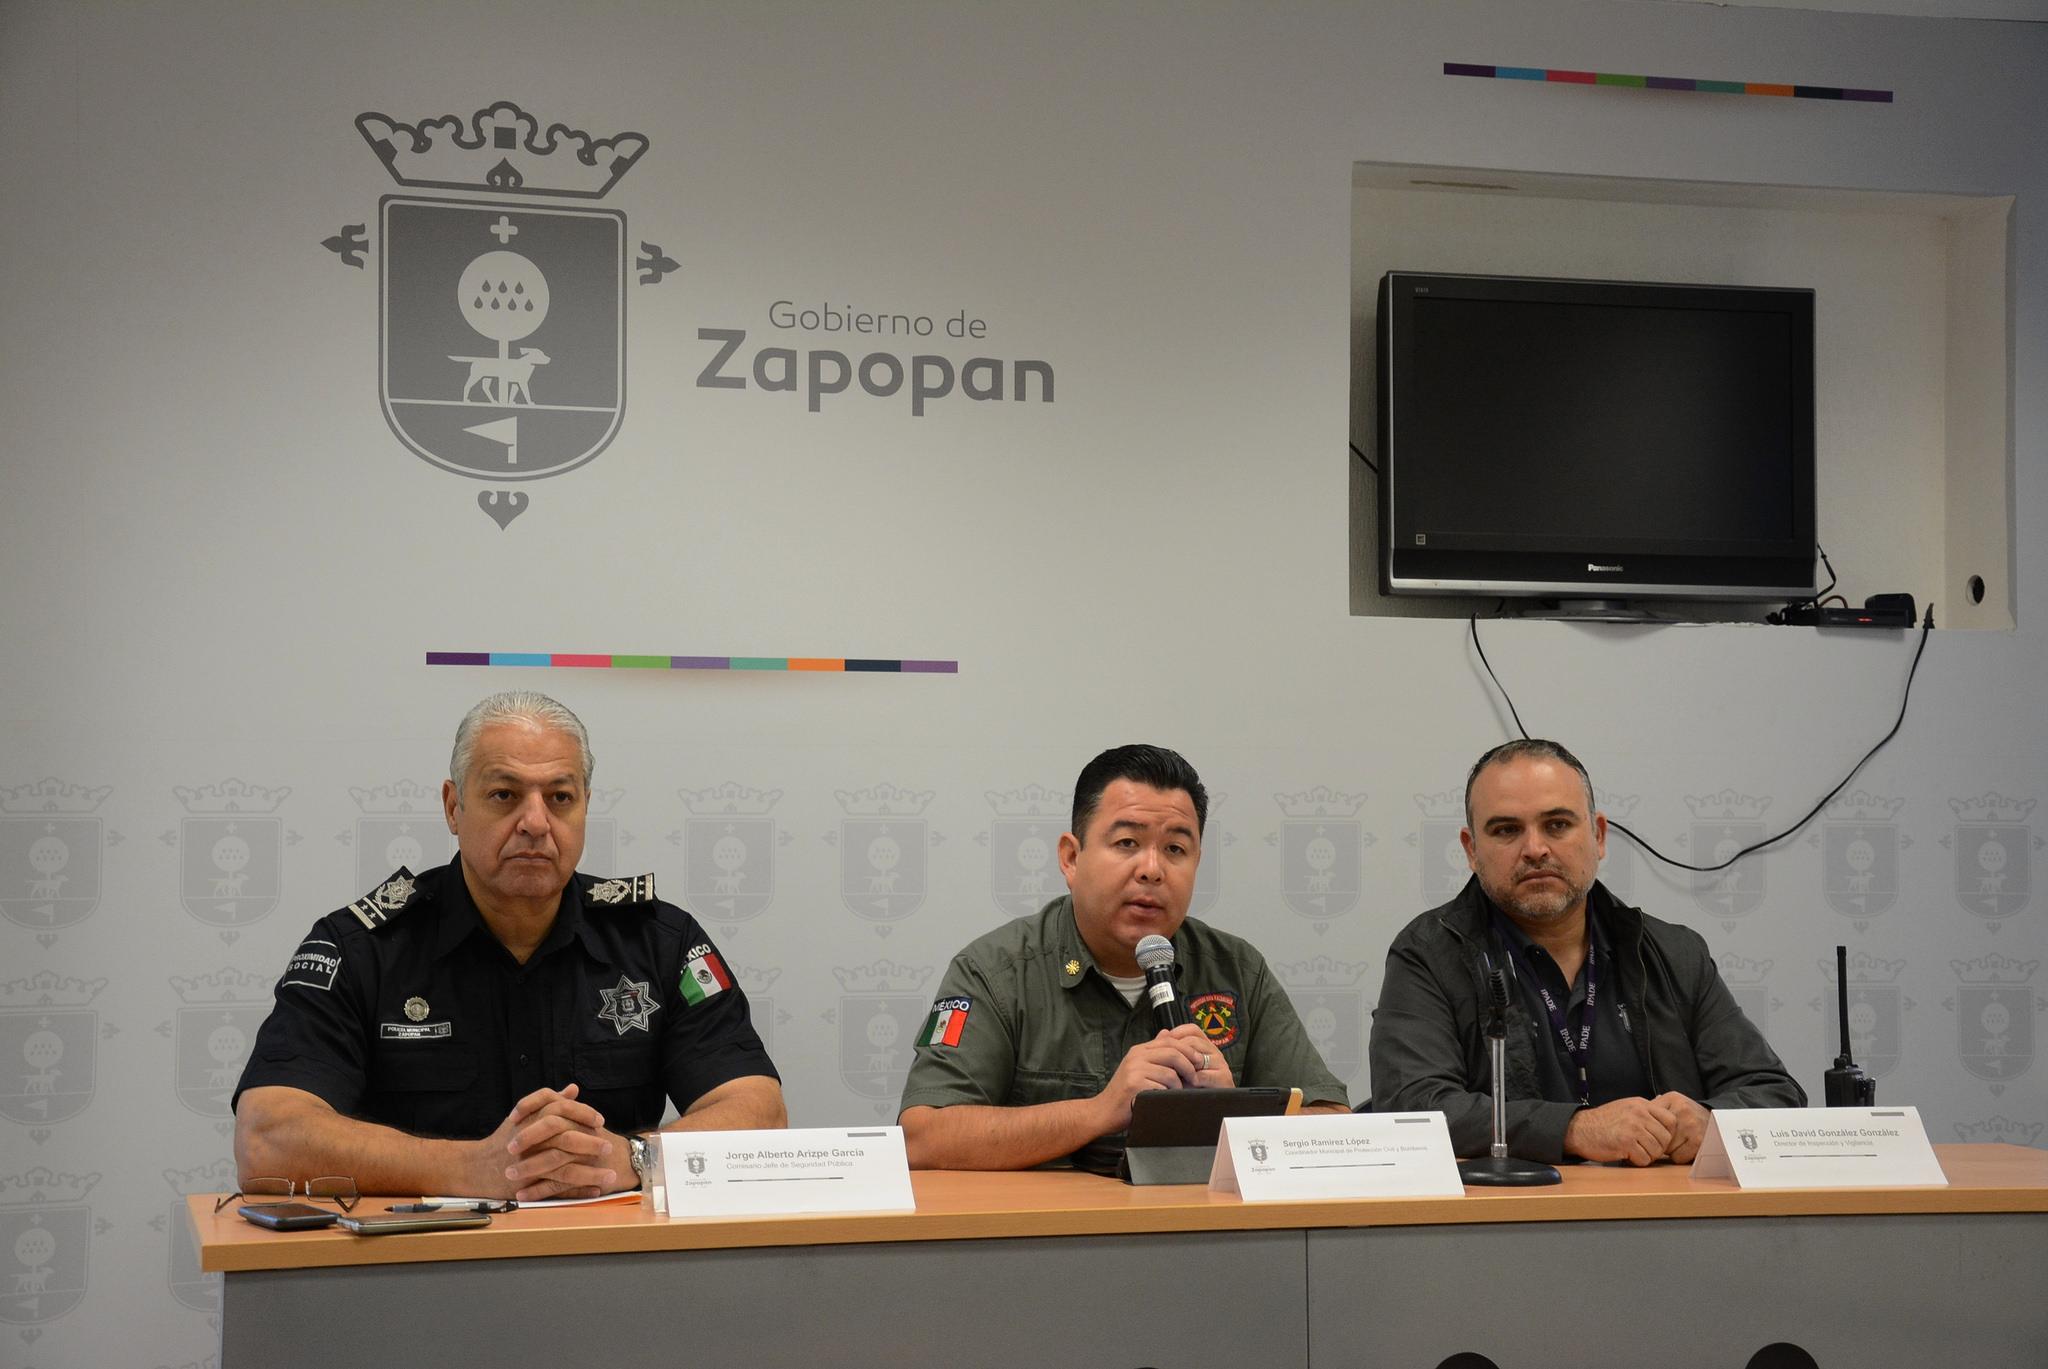 Zapopan presenta avances del Operativo Institucional de Pirotecnia 2016 y del Operativo Decembrino de Seguridad